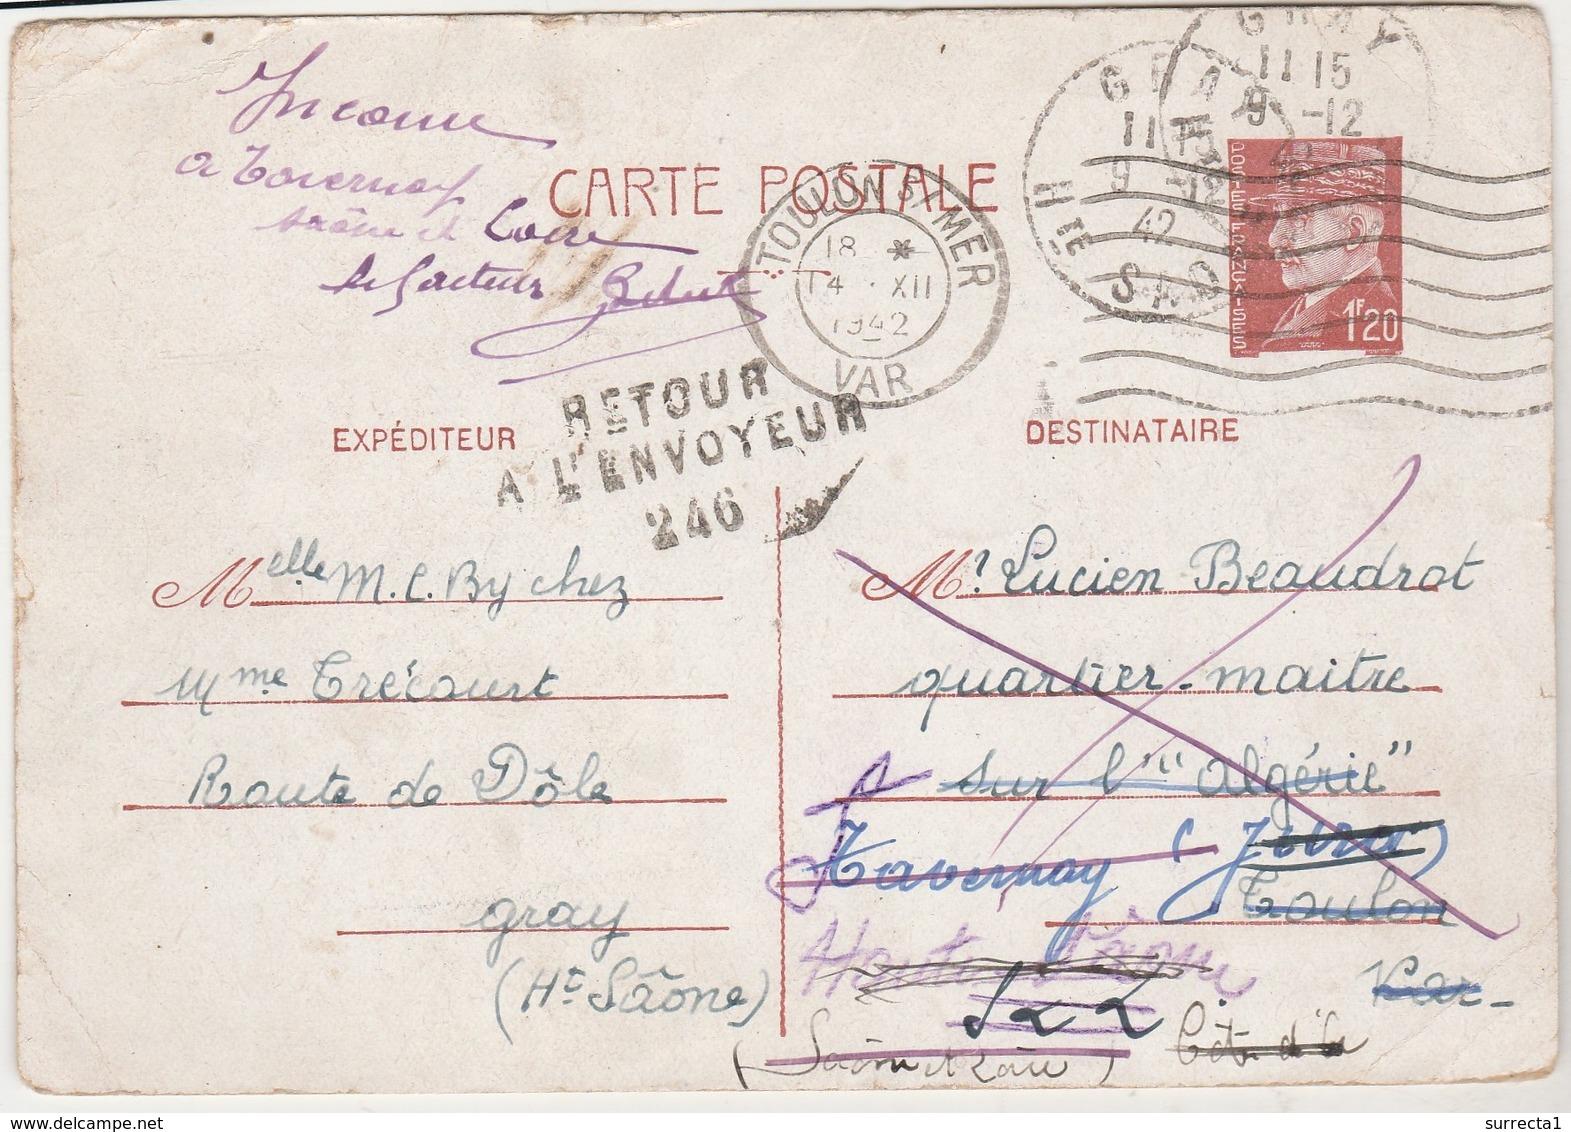 """Entier 1942 / Pétain 1F20 / Retour Envoyeur 246 / Adresssée Quartier-Maître Sur Bateau """"L'Algérie"""" Toulon - Entiers Postaux"""